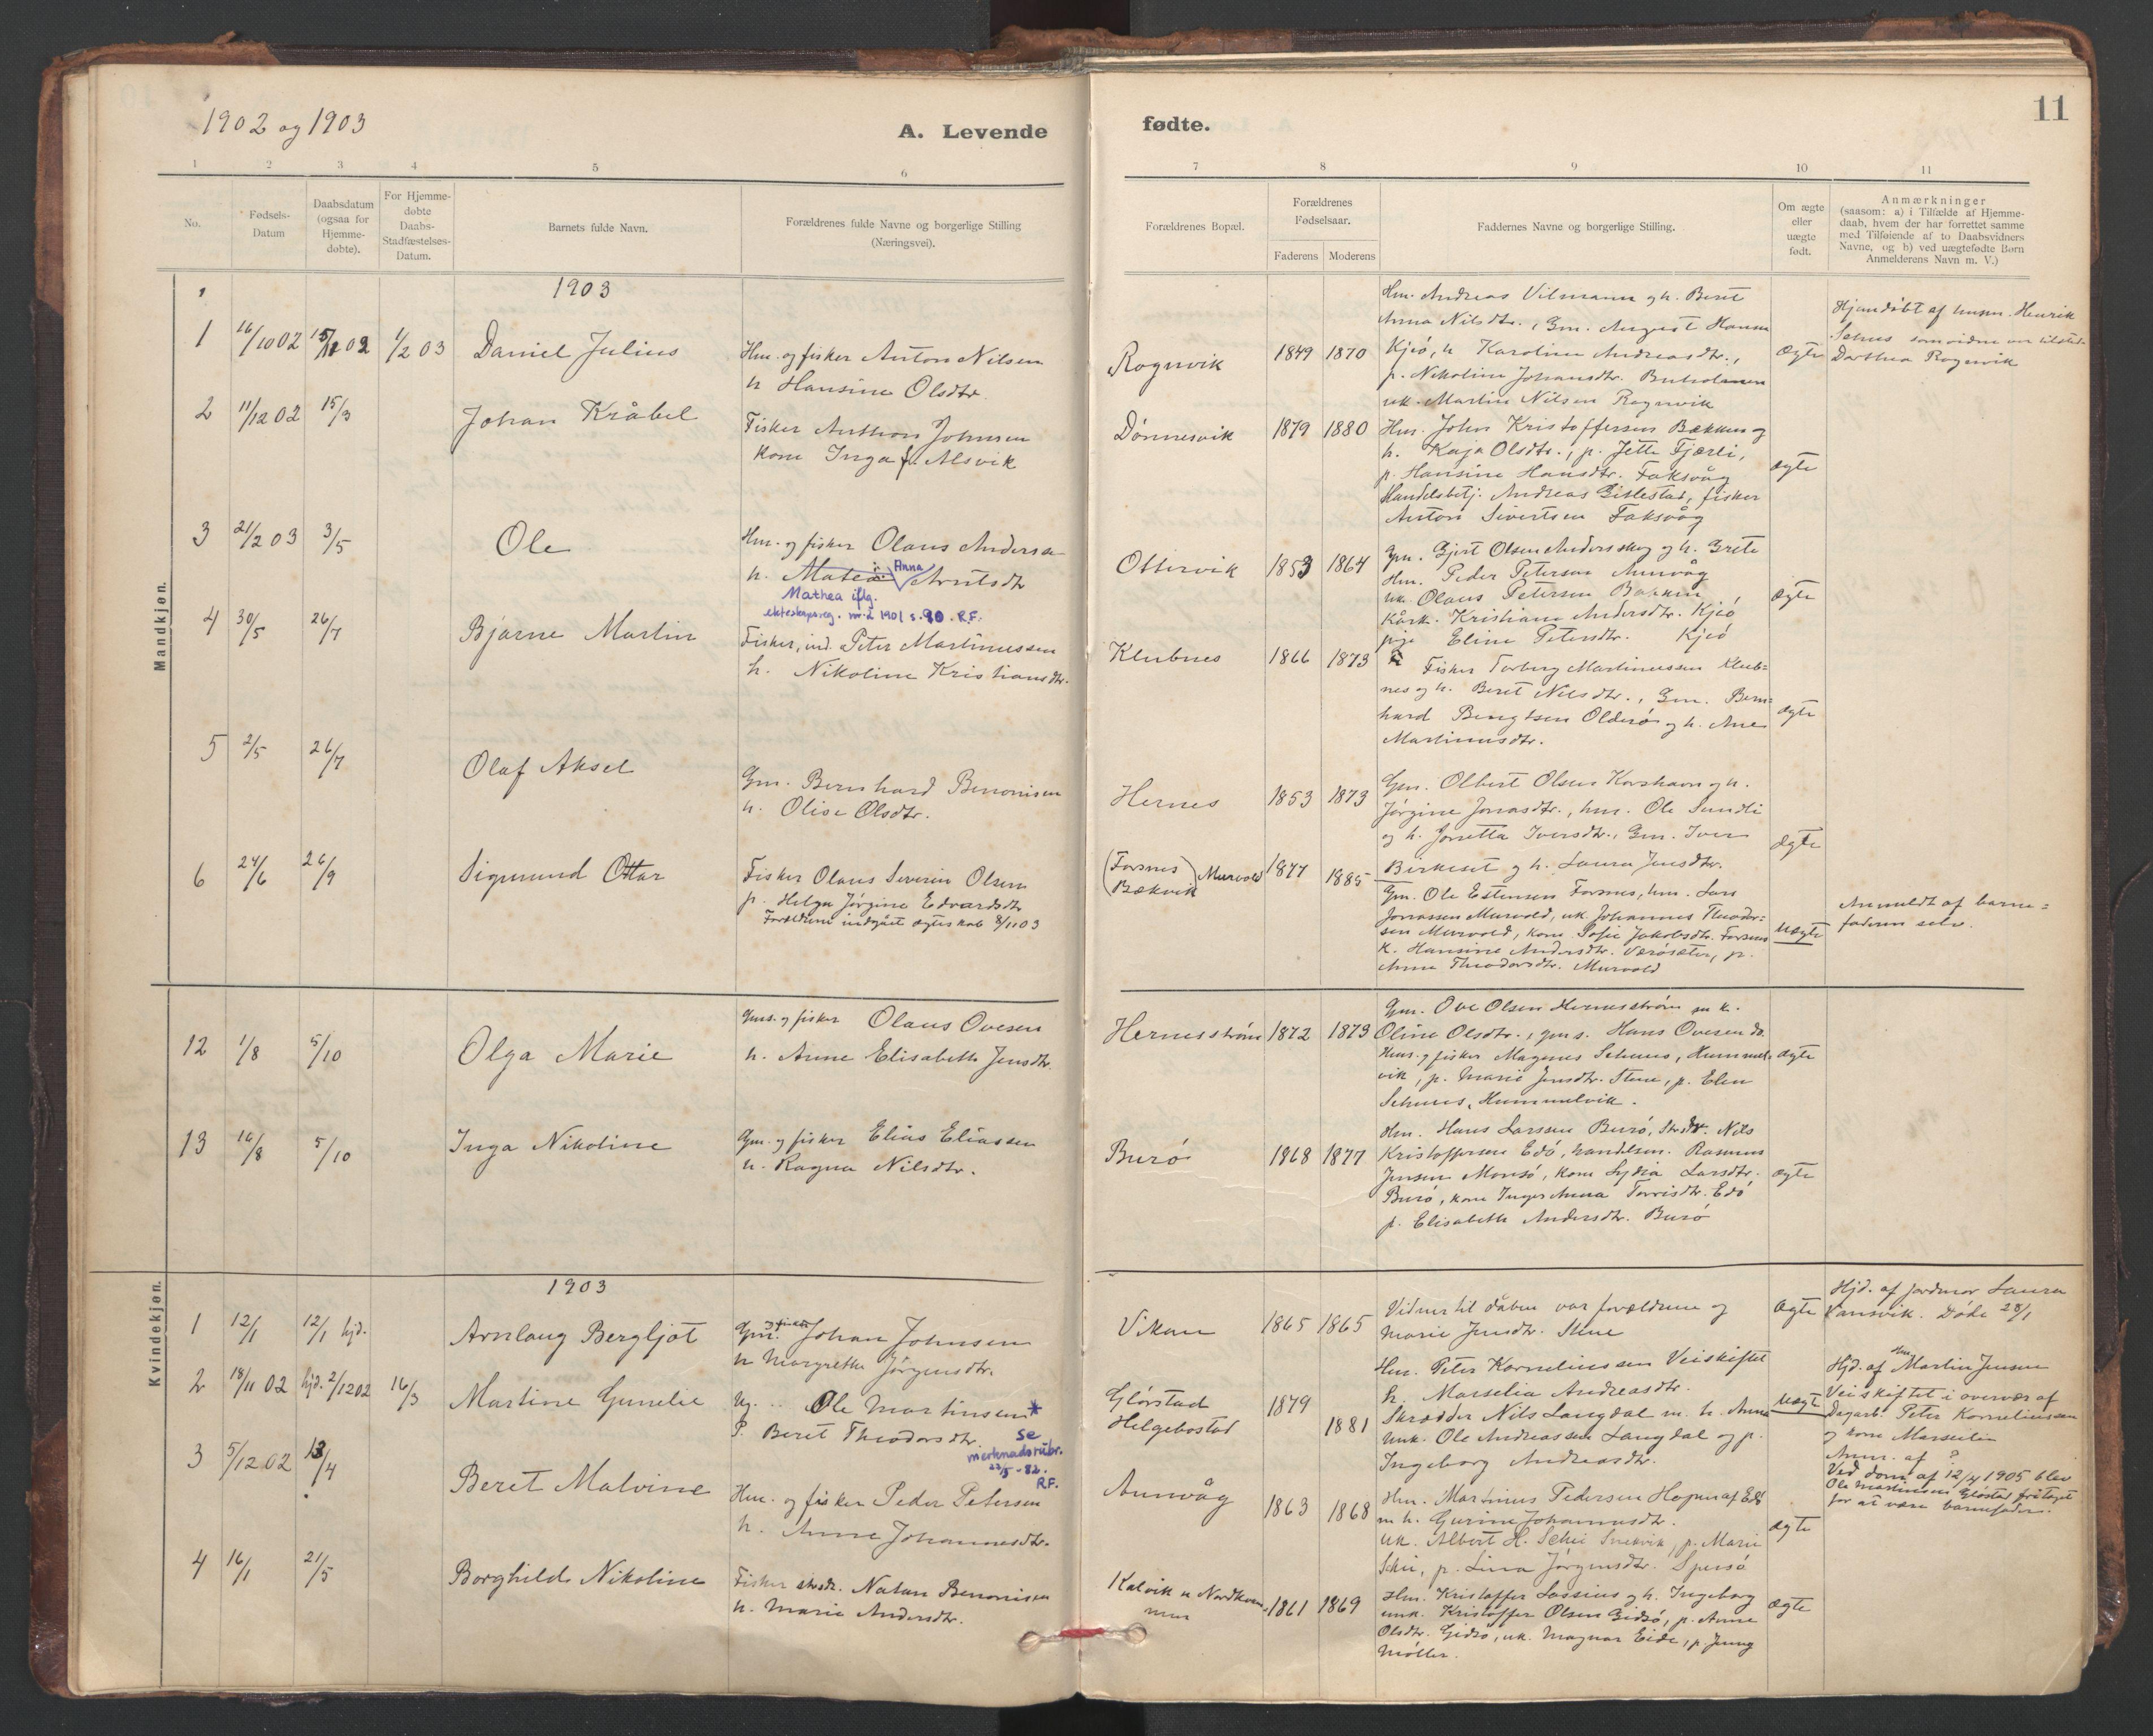 SAT, Ministerialprotokoller, klokkerbøker og fødselsregistre - Sør-Trøndelag, 635/L0552: Ministerialbok nr. 635A02, 1899-1919, s. 11